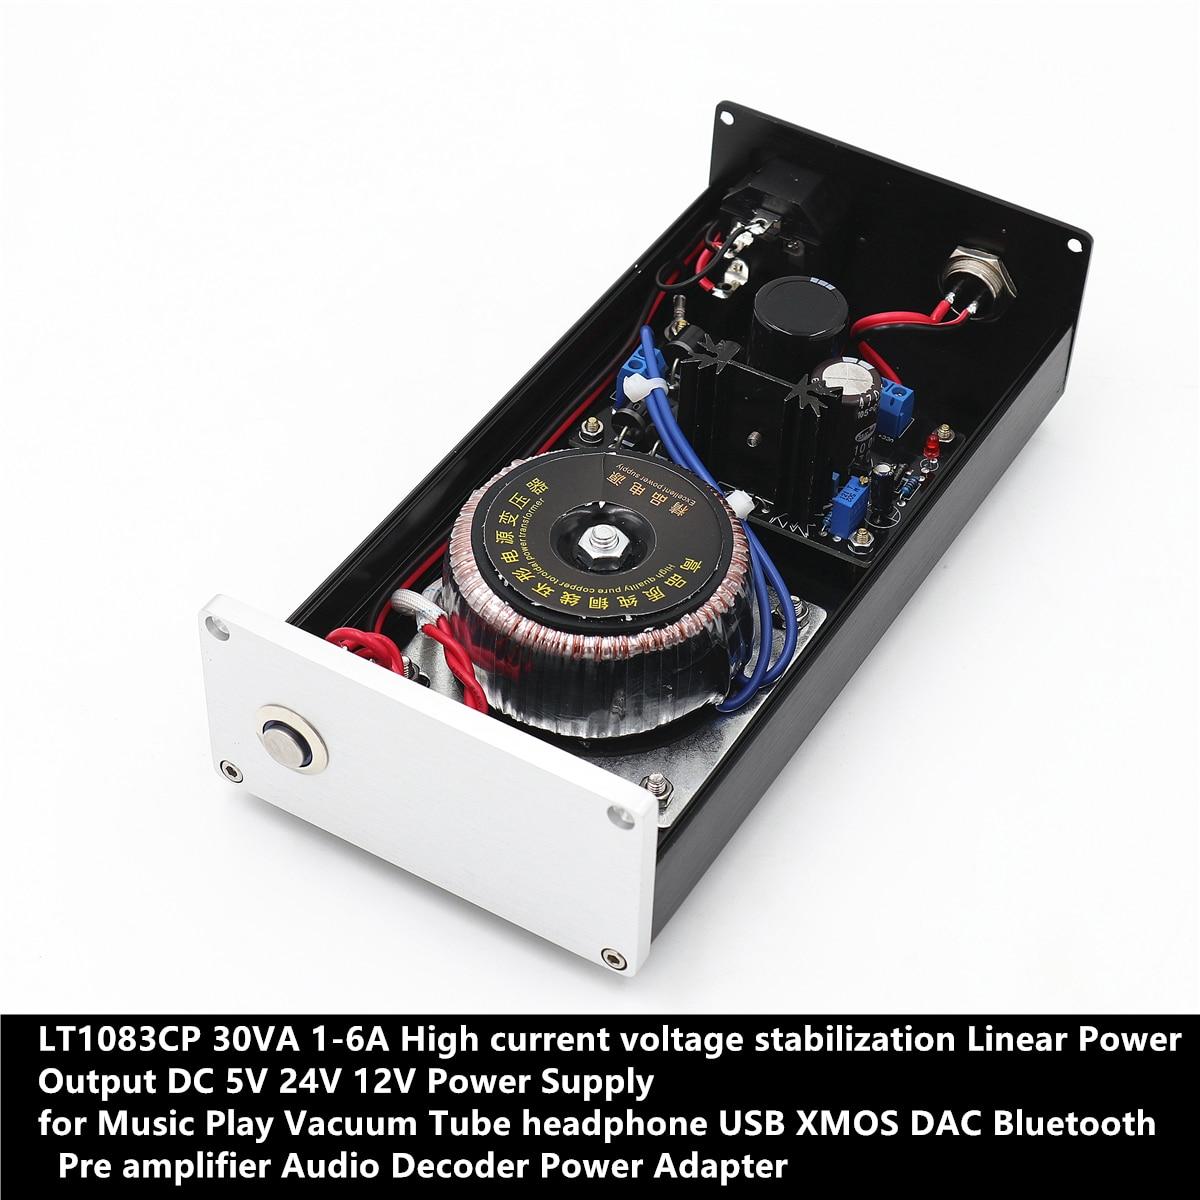 30 واط انزلاق الخطي LT1083CP عالية الطاقة قابل للتعديل منظم HIFI الخطي امدادات الطاقة تيار مستمر 5 فولت 12 فولت 24 فولت ل DAC محلل شفرة سمعي